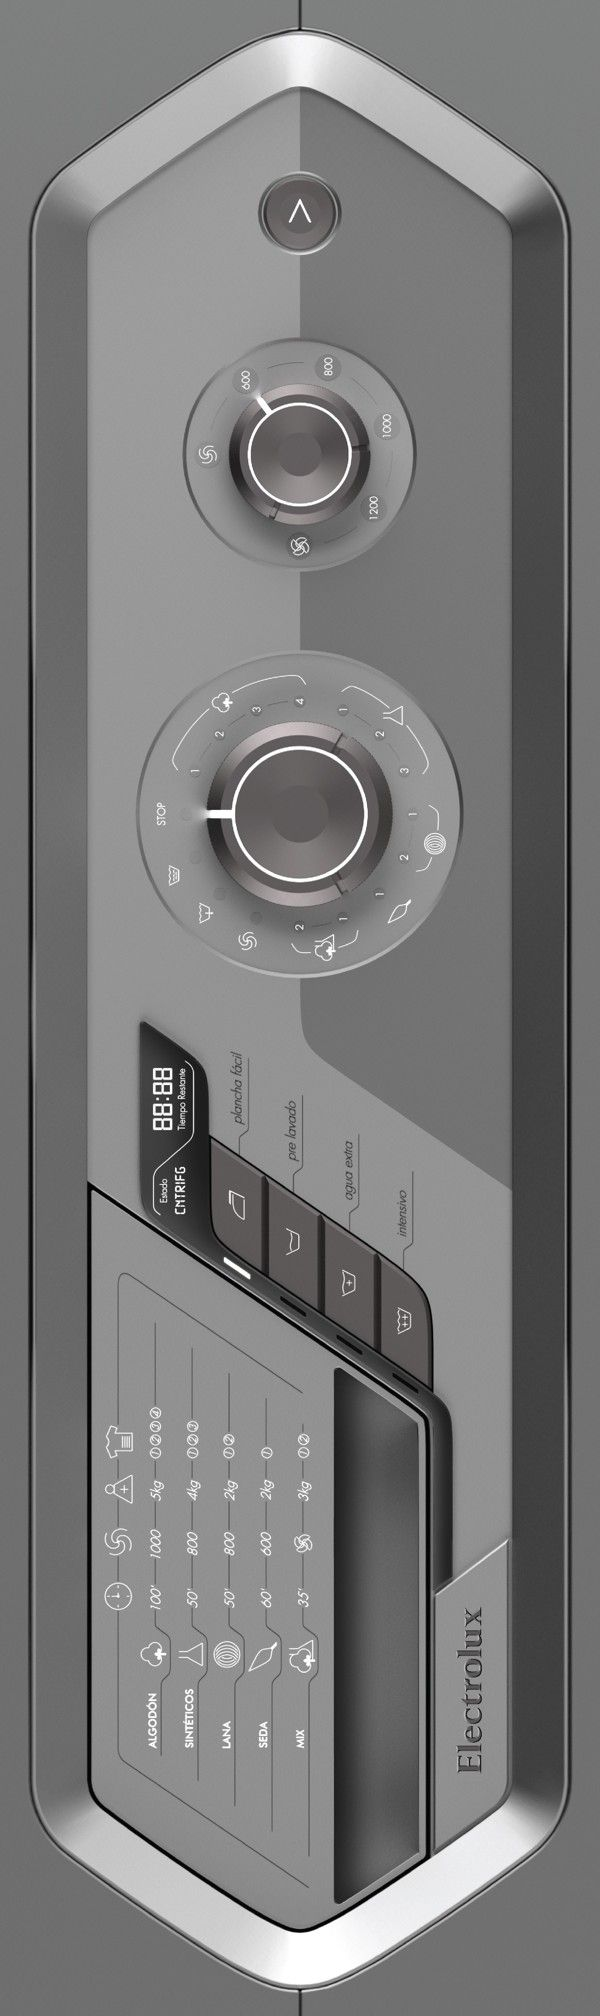 WM - Washing Machine Concept on Industrial Design Served